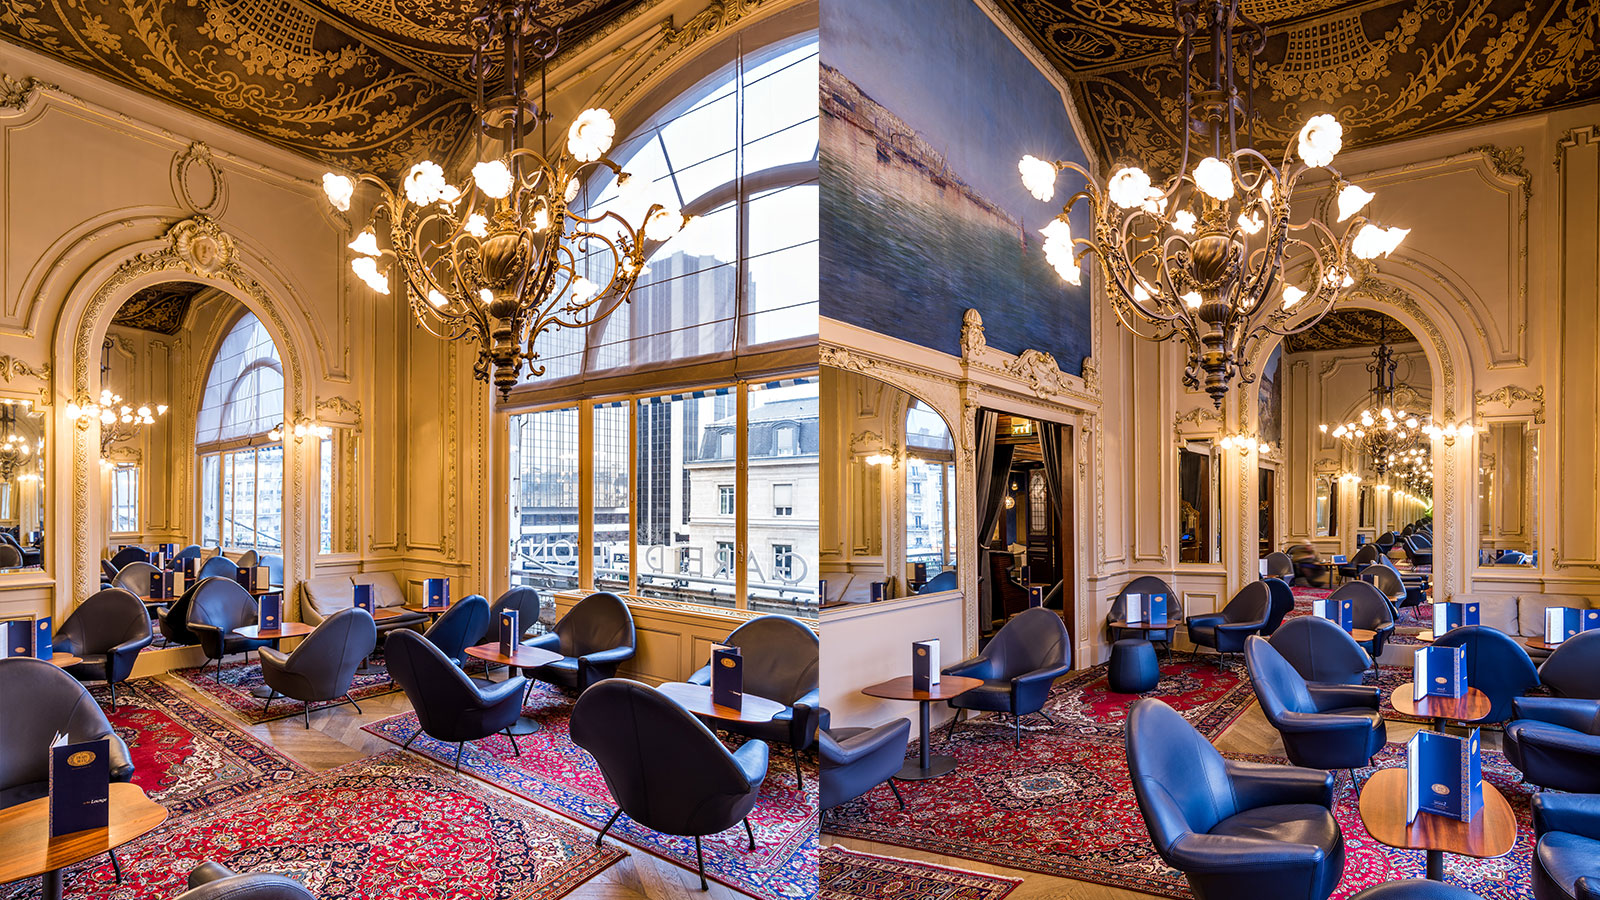 Le train bleu passport to old paris peacock plume for Le petit salon paris